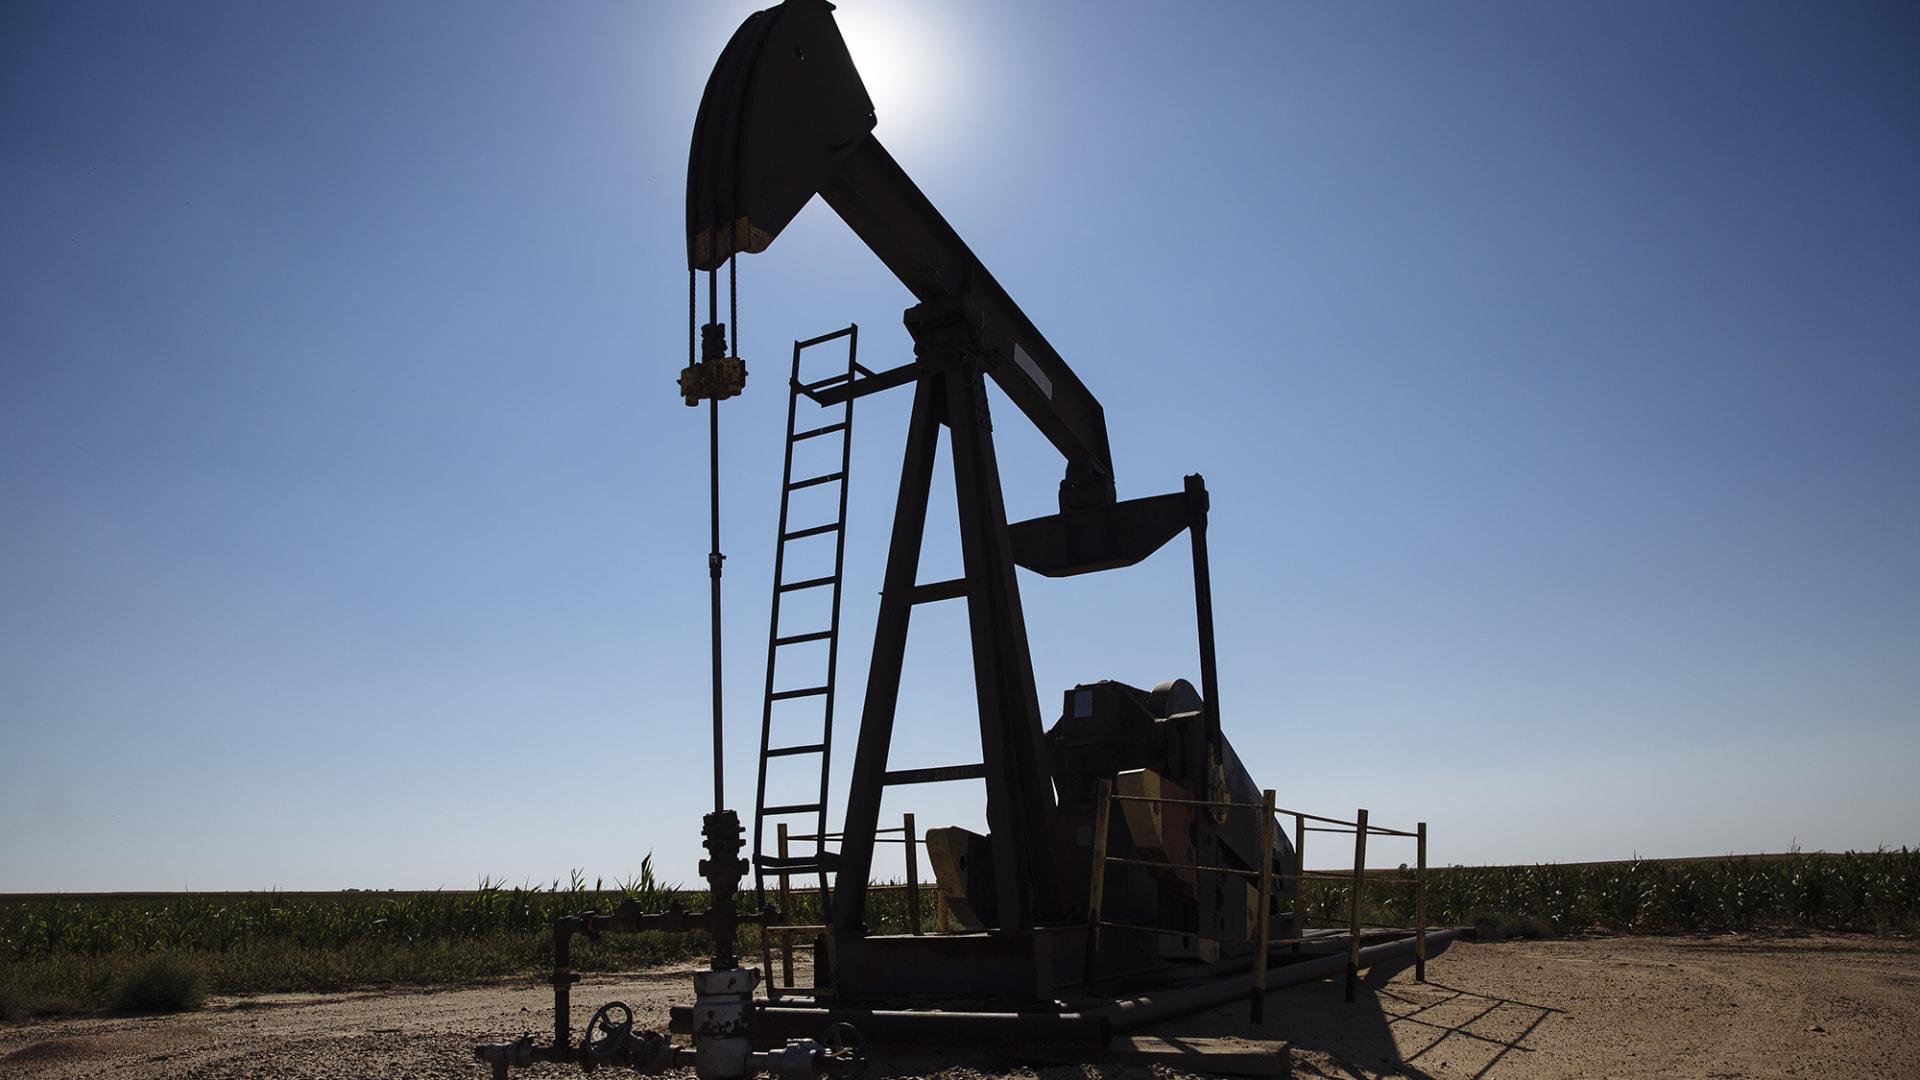 أسعار النفط والأسهم العالمية ترتفع بعد إعلان فايزر عن لقاح كورونا